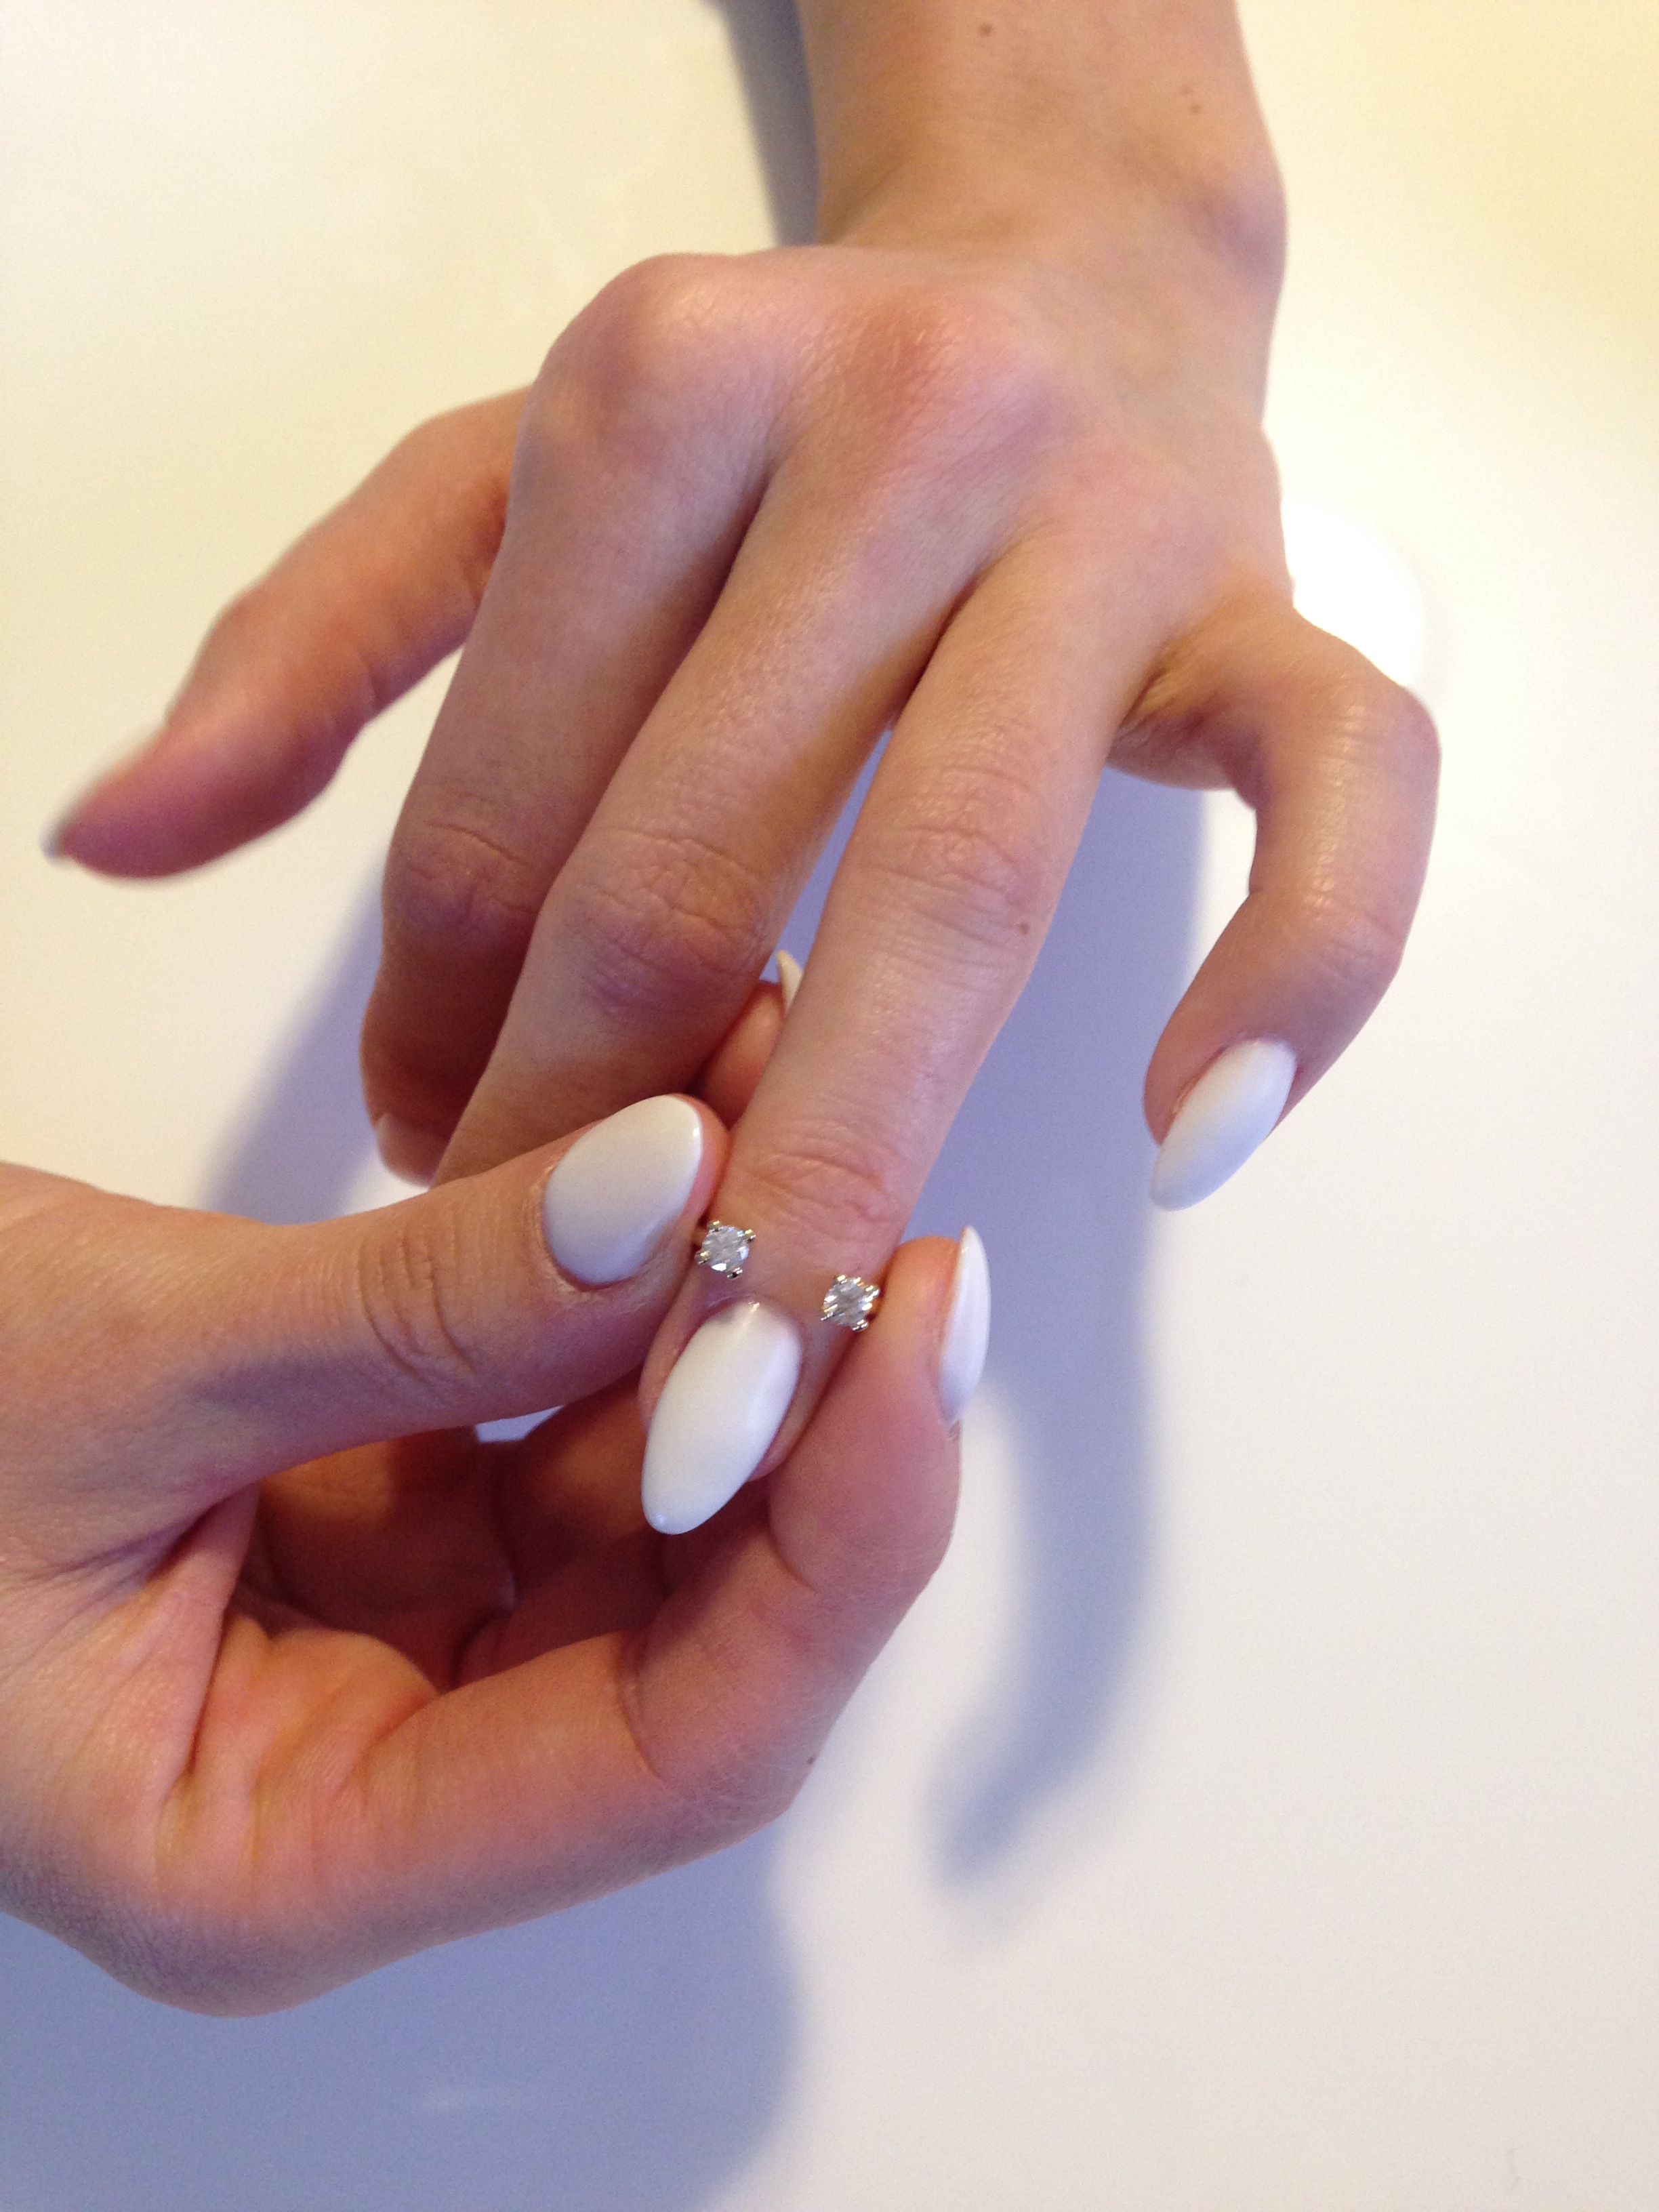 Pour être de la bonne taille et toujours bien tenir sur votre doigt, votre bague de phalange lokÜs doit être trop petite pour être insérée directement à l'endroit sur votre doigt, telle une bague régulière.